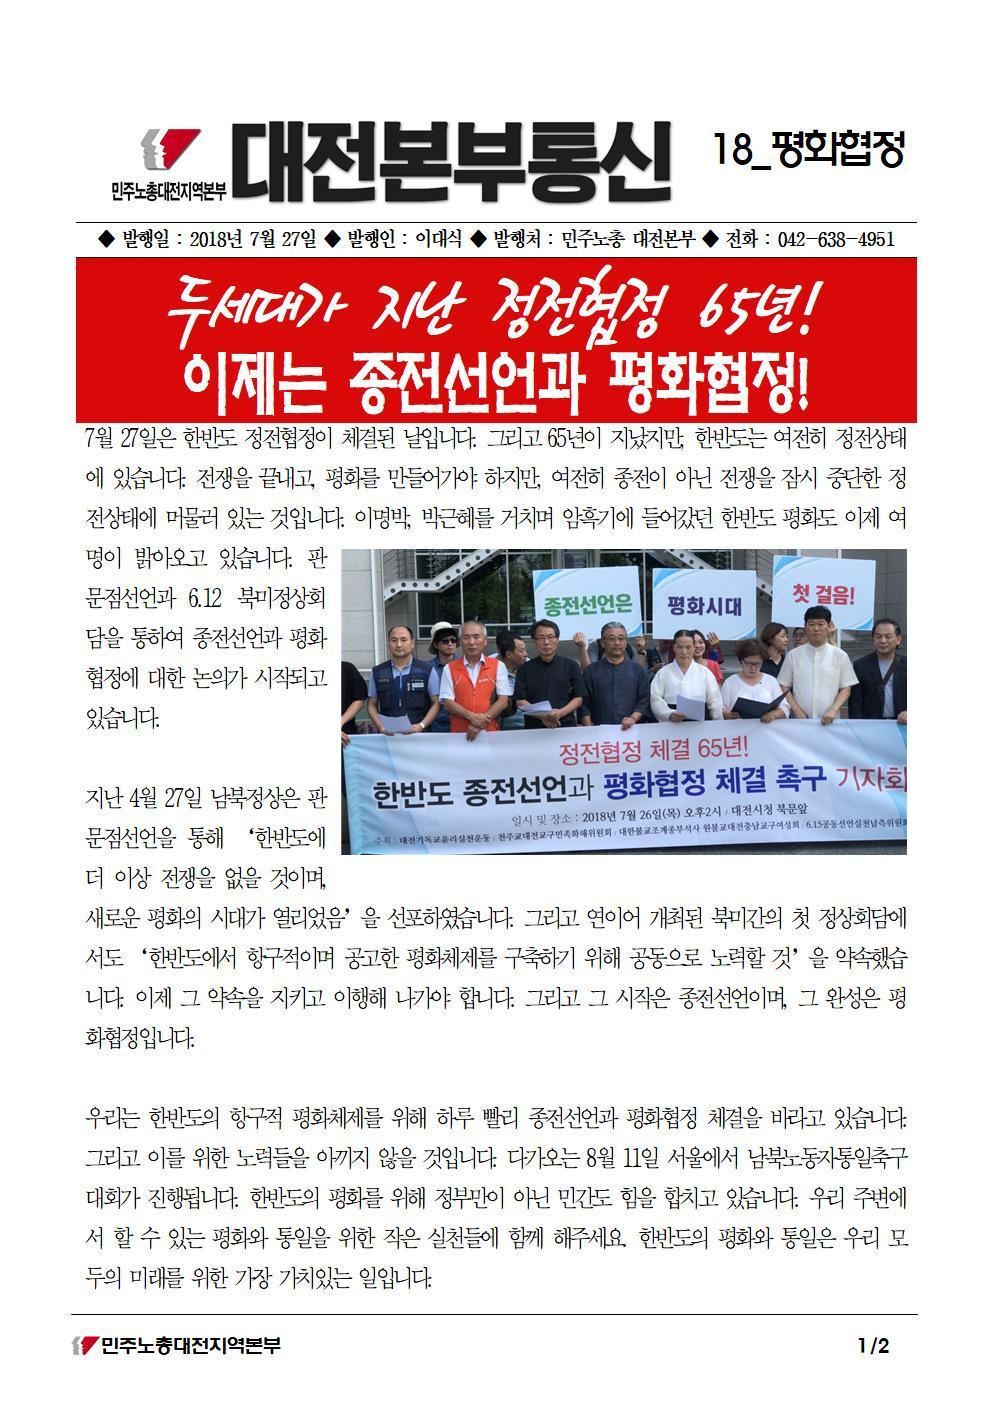 민주노총 대전본부 본부통신 18_평화협정